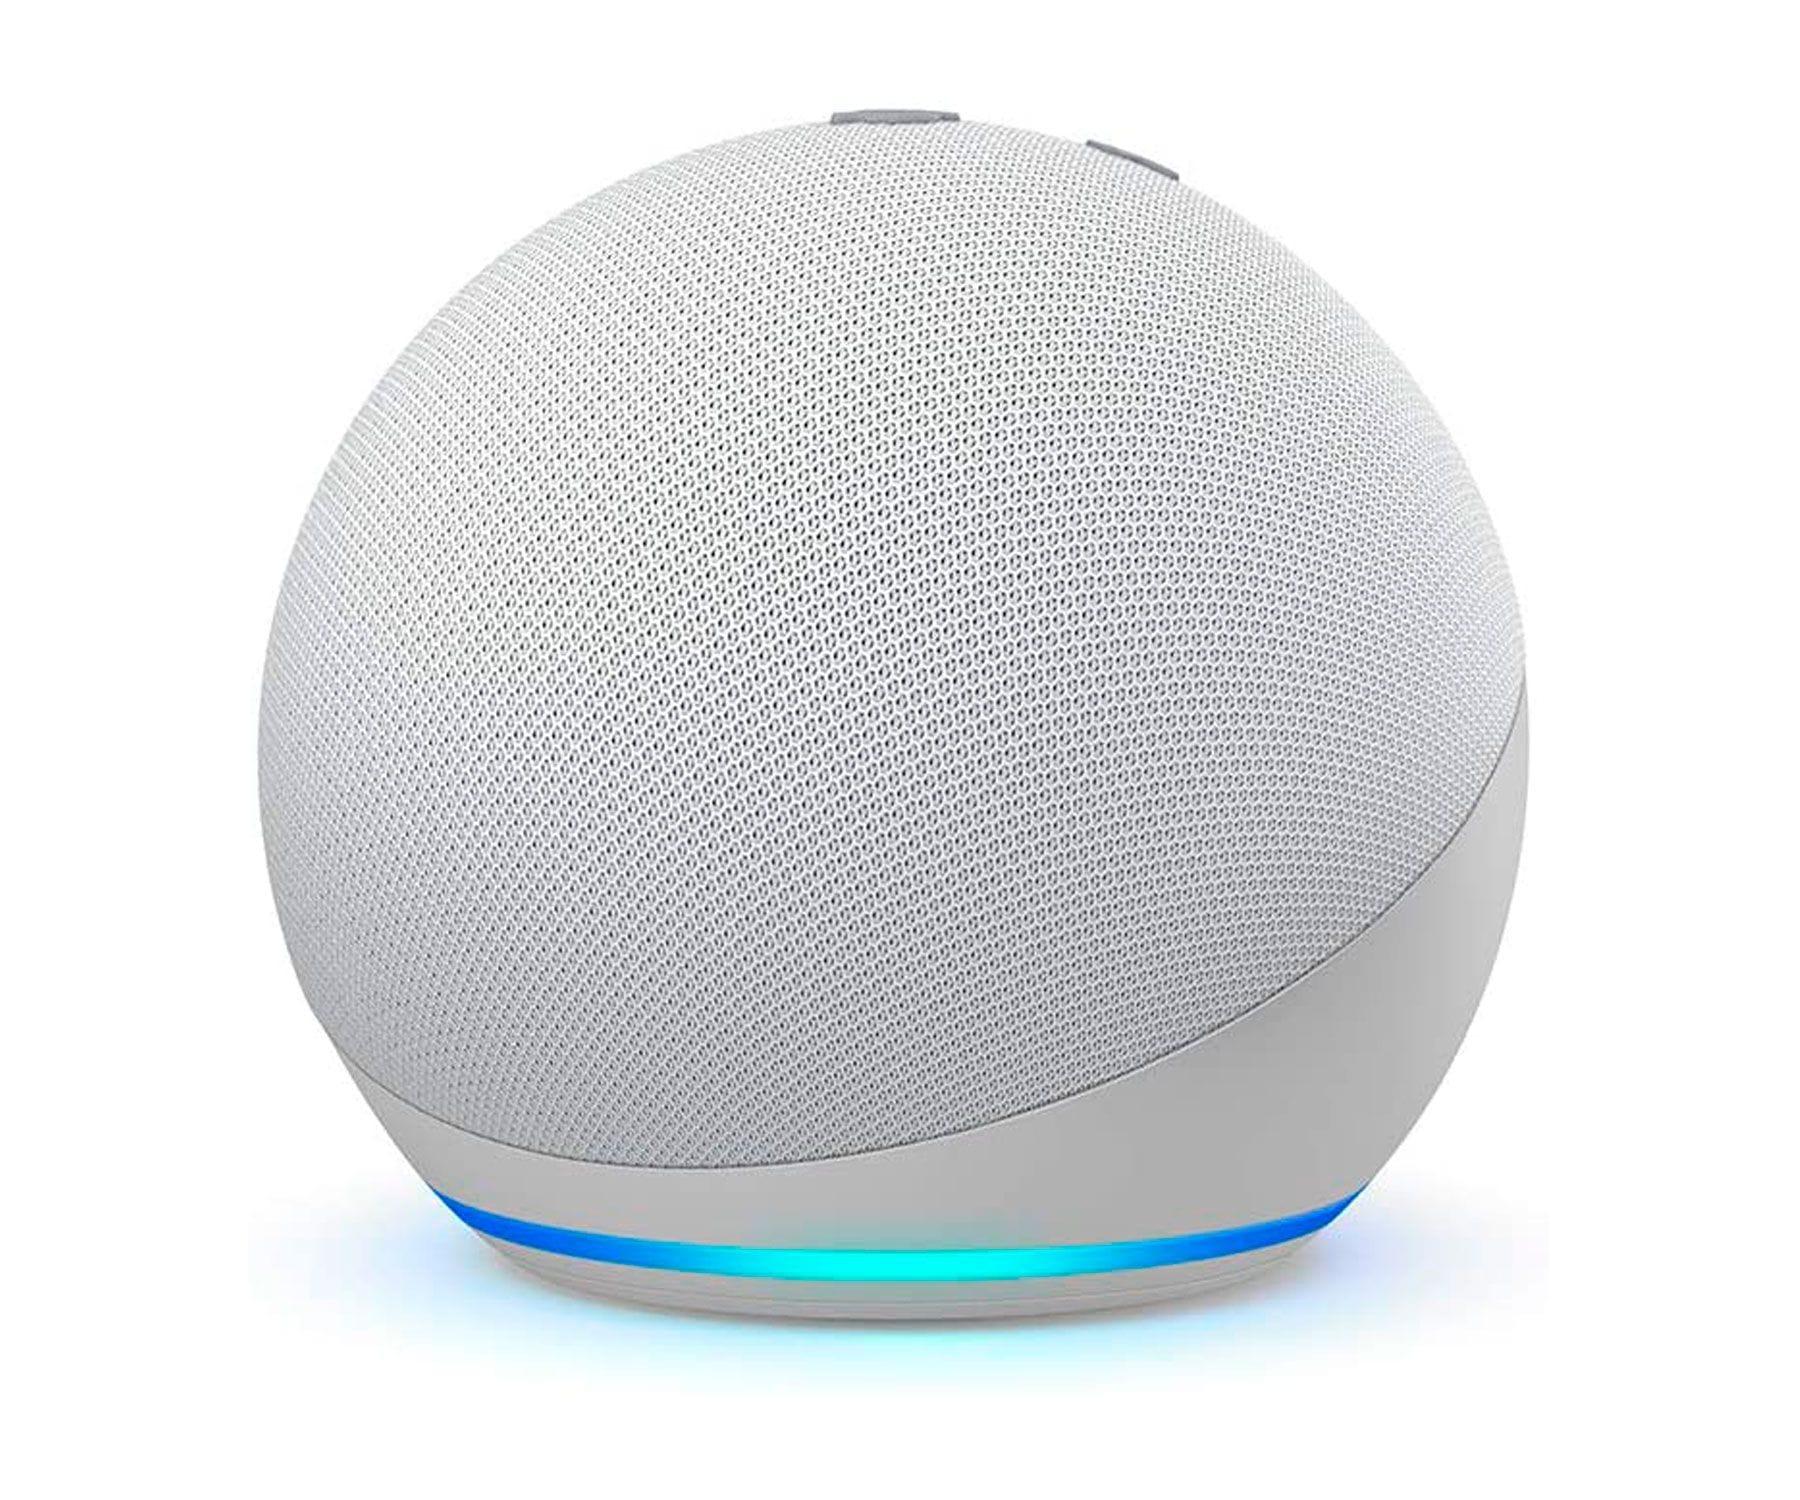 Amazon Altavoz Echo Dot Blanco 4ª generación/Control Hogar Digital/Alexa